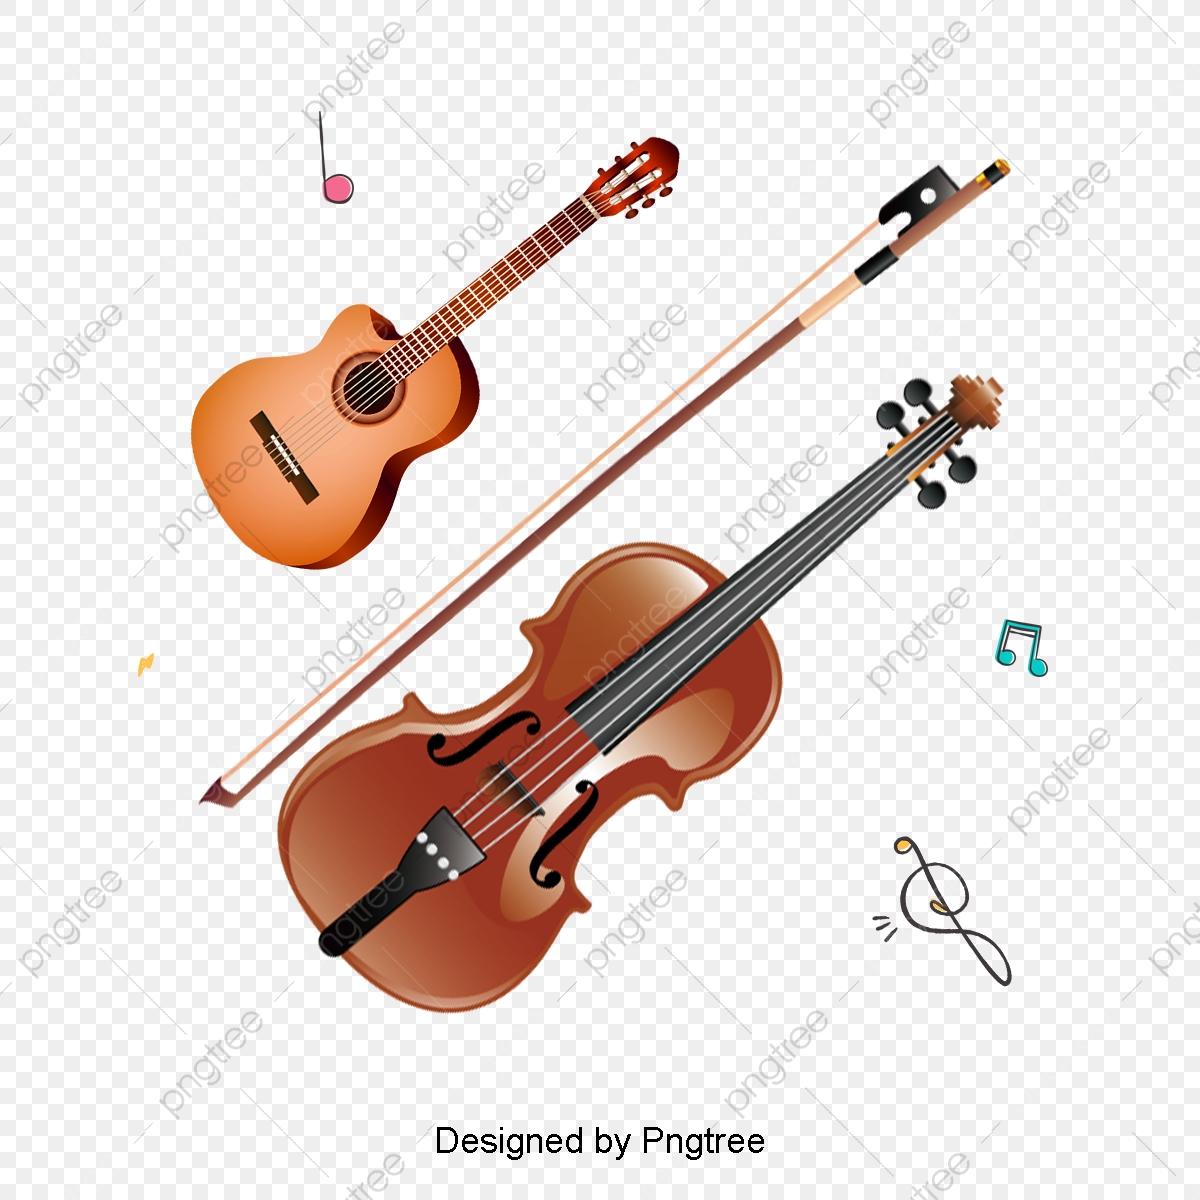 Choisir des instruments pour les tout-petits